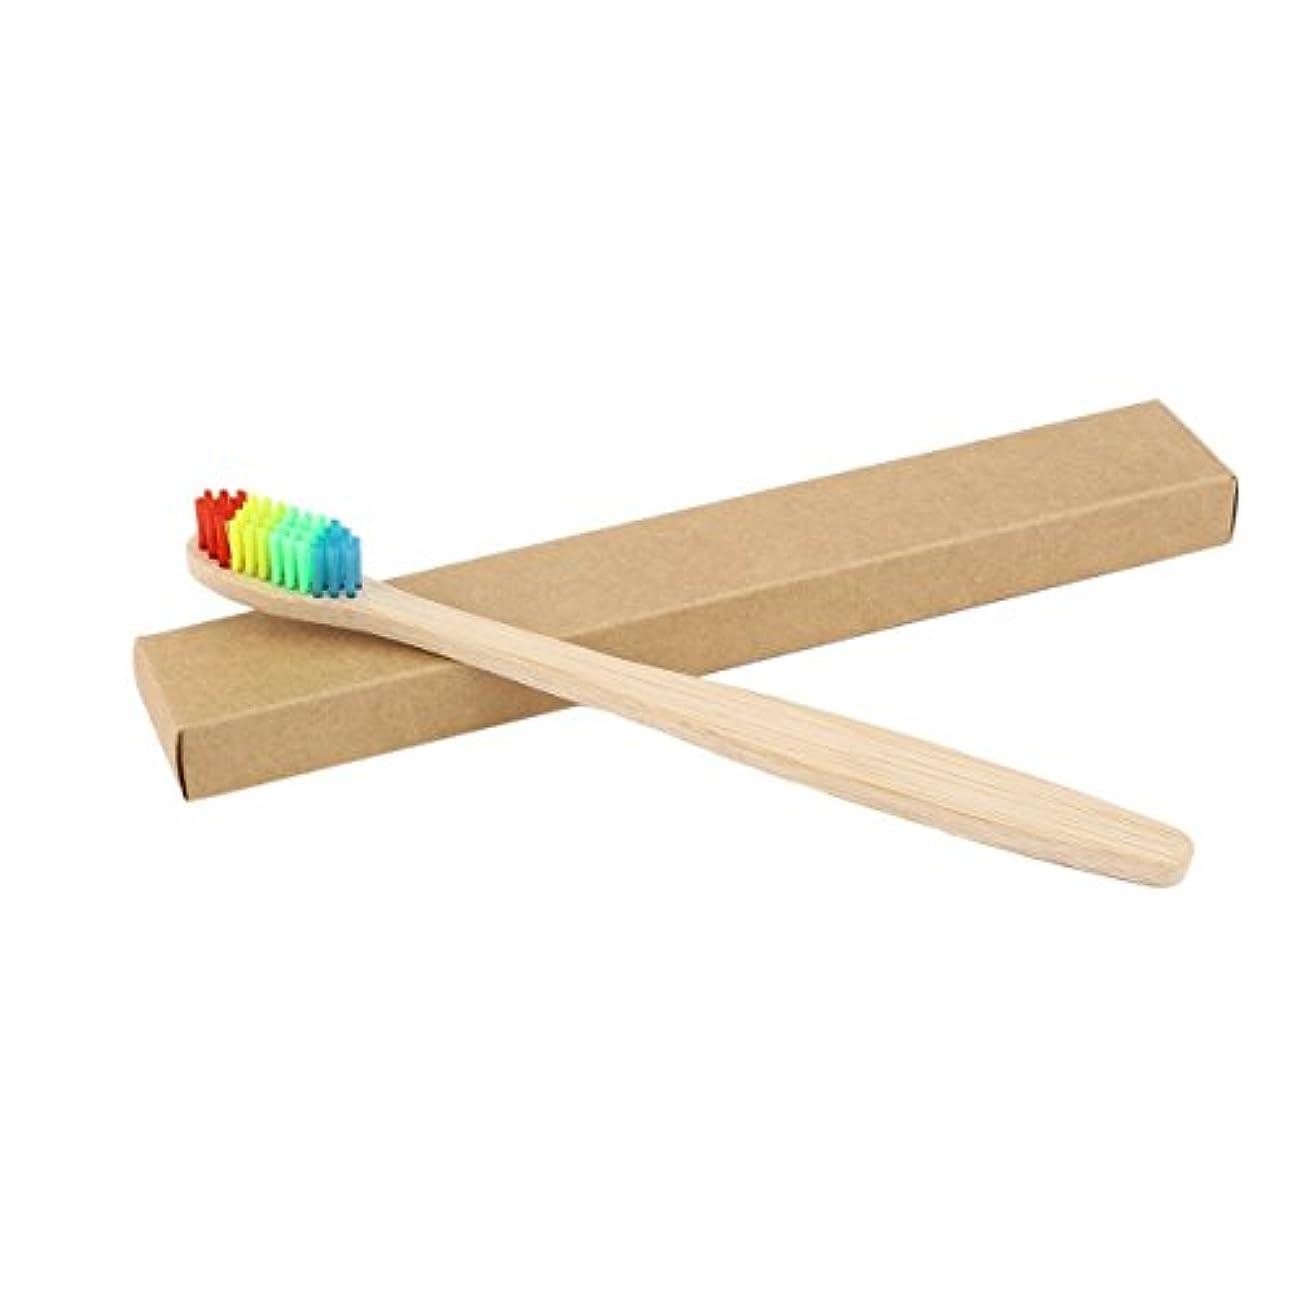 愛ヘルシー愛カラフルな髪+竹のハンドル歯ブラシ環境木製の虹竹の歯ブラシオーラルケアソフト剛毛ユニセックス - ウッドカラー+カラフル